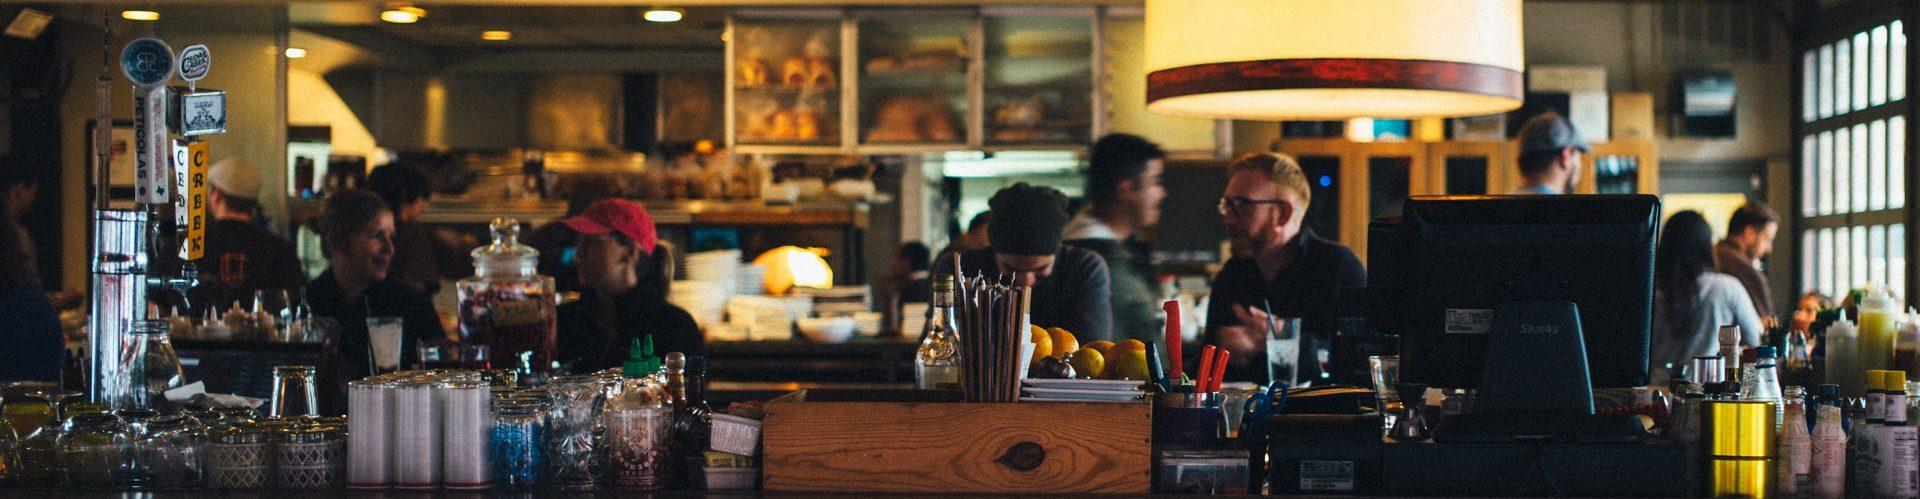 cropped-restaurant-1.jpg